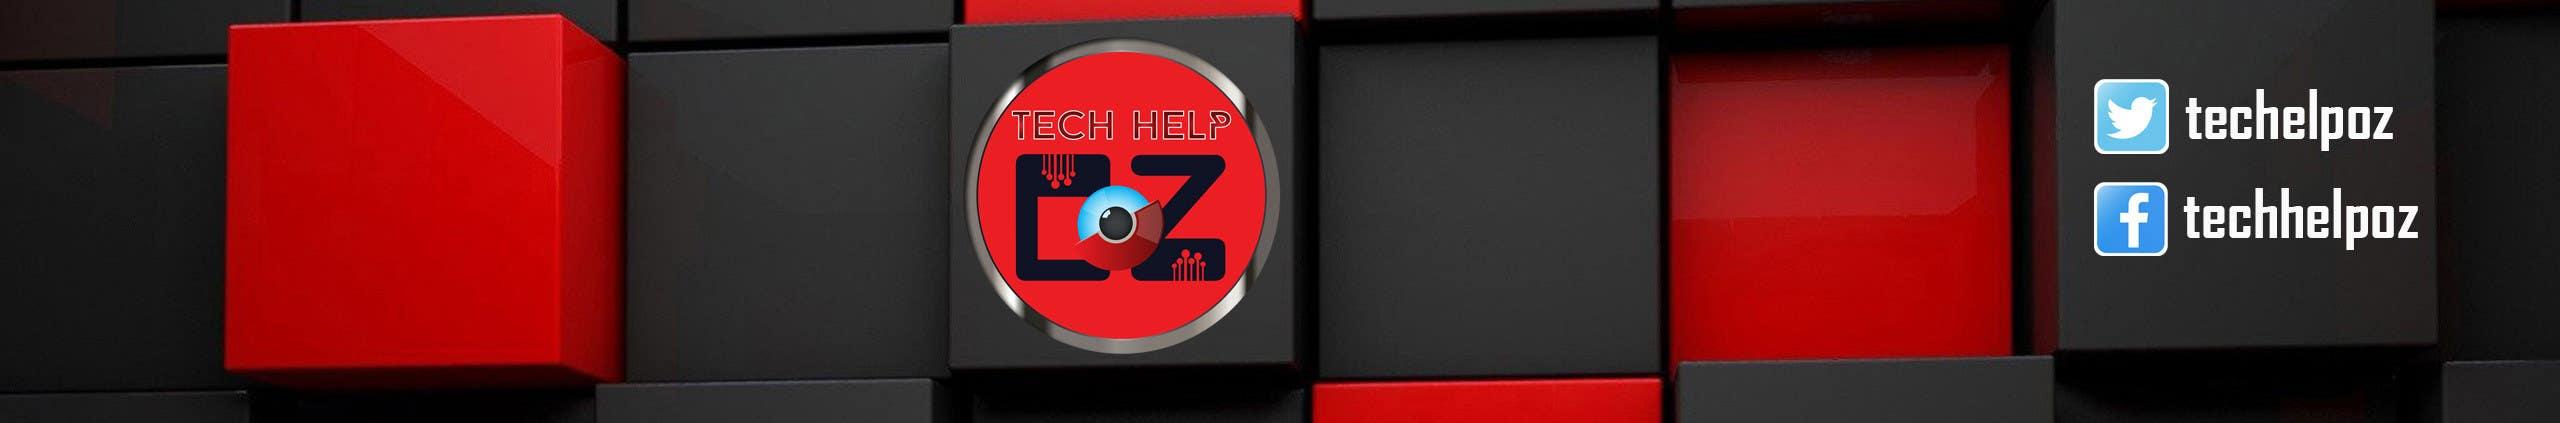 Konkurrenceindlæg #82 for Design a Banner for Tech Help Oz